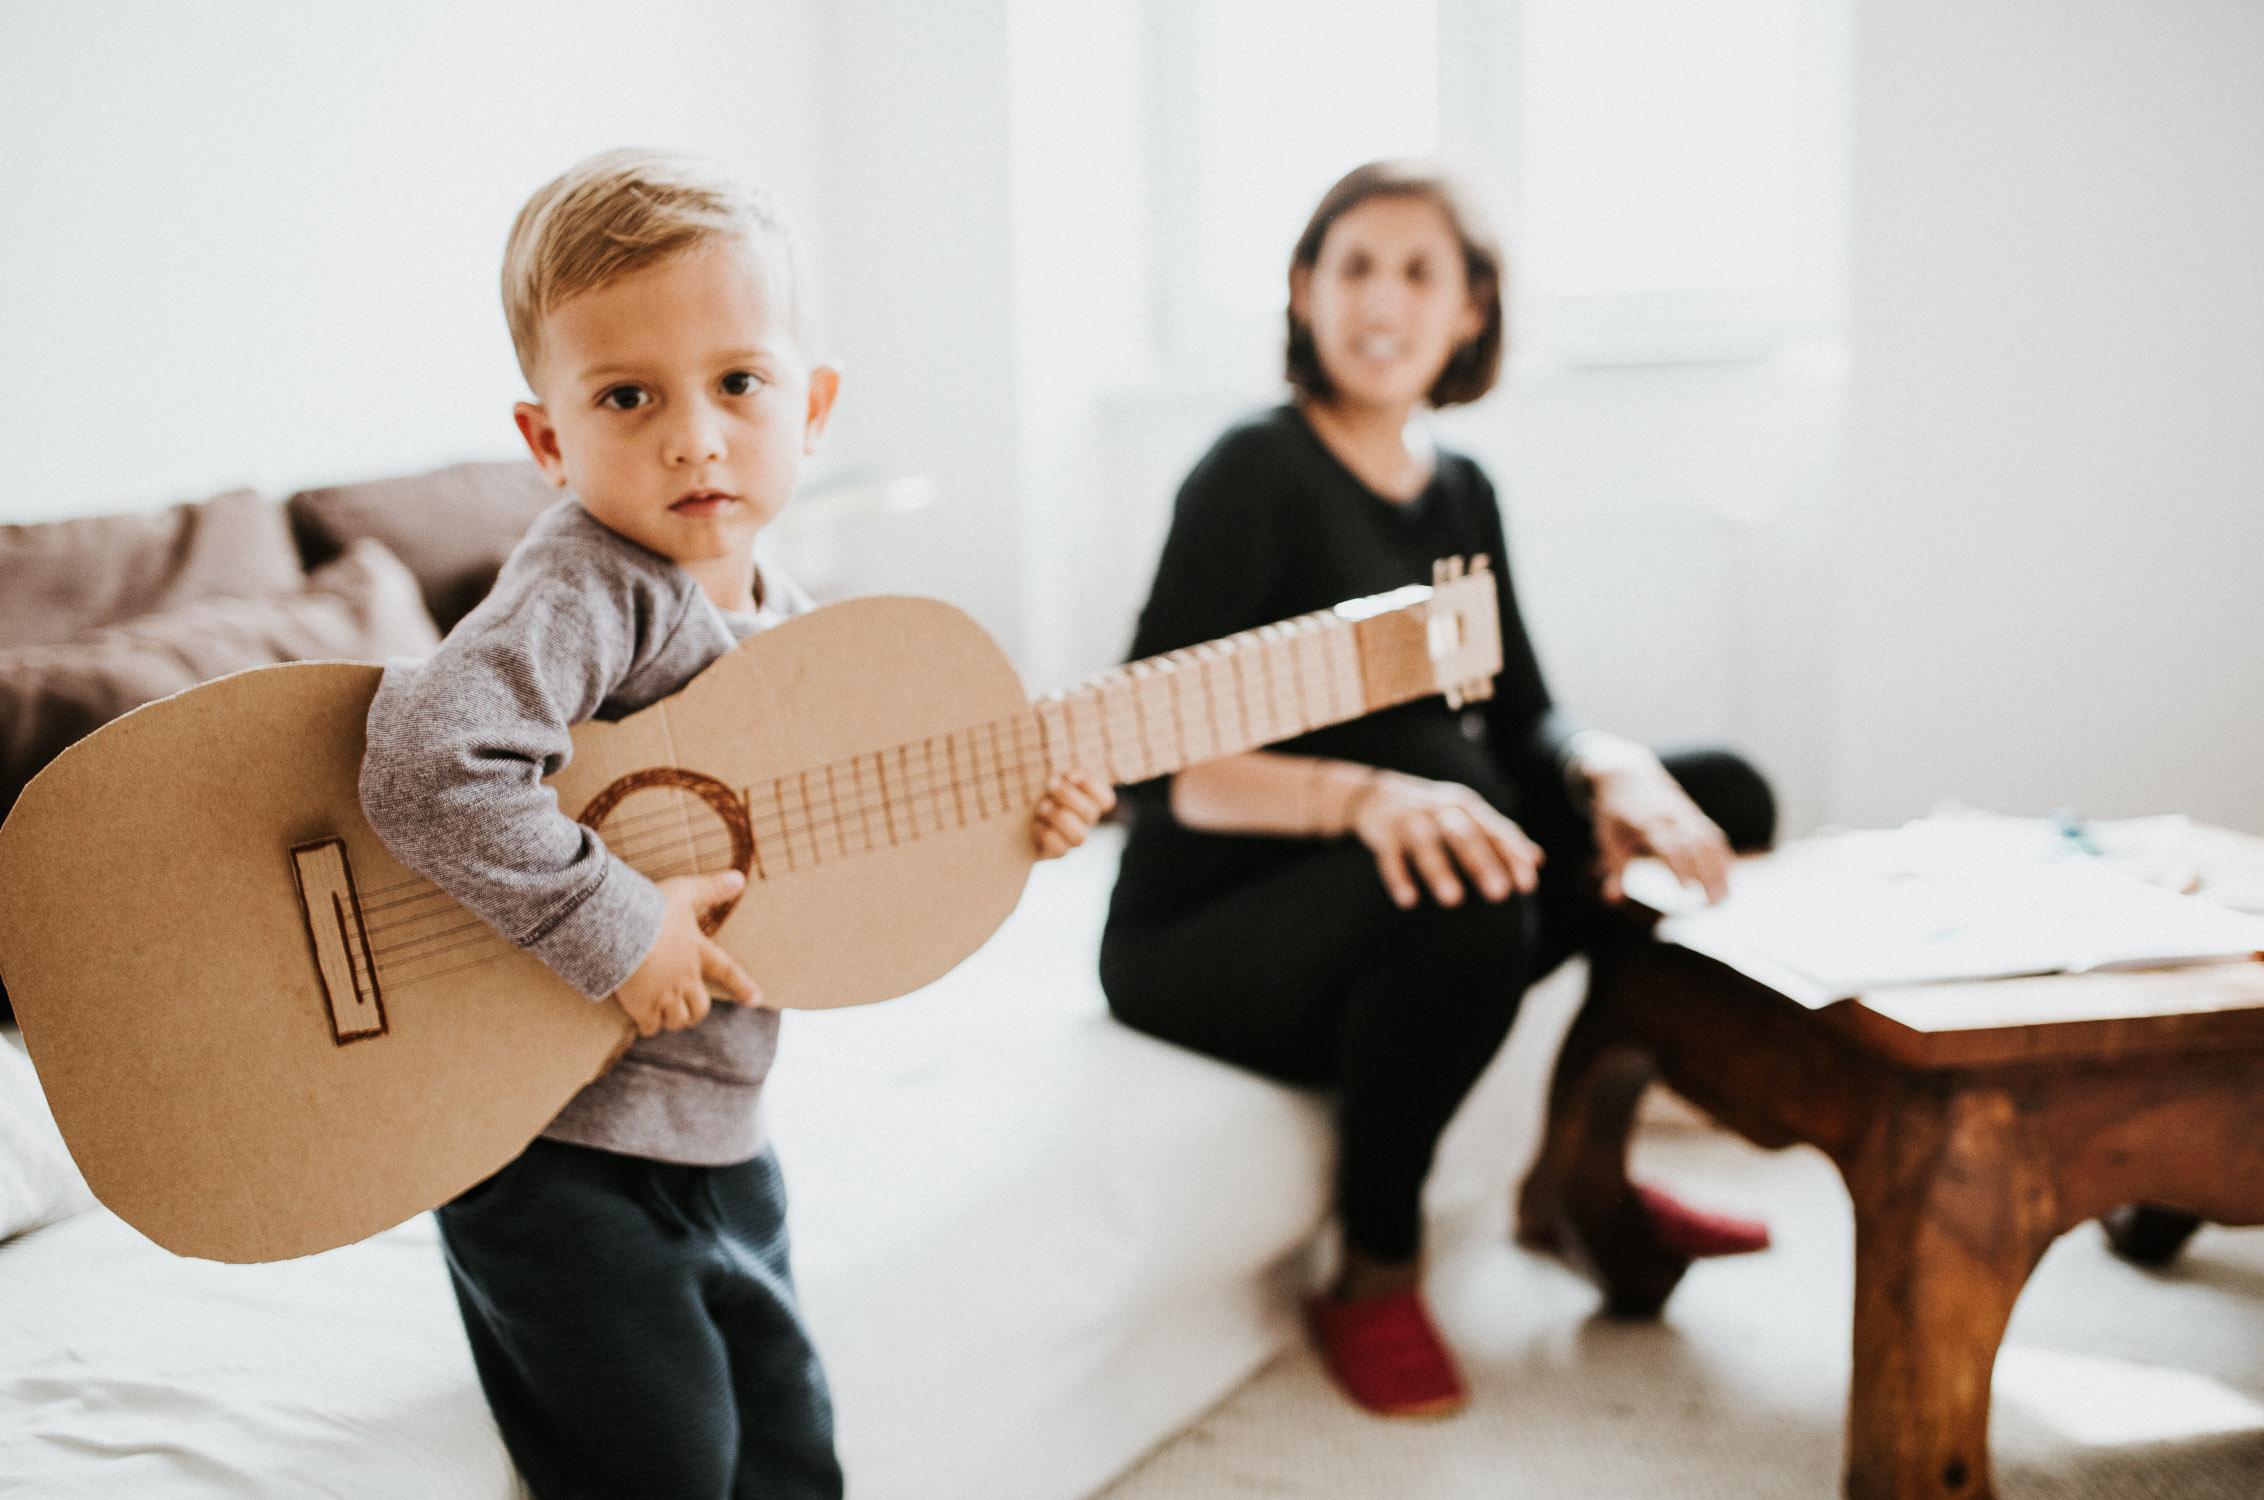 boy-playing-guitar